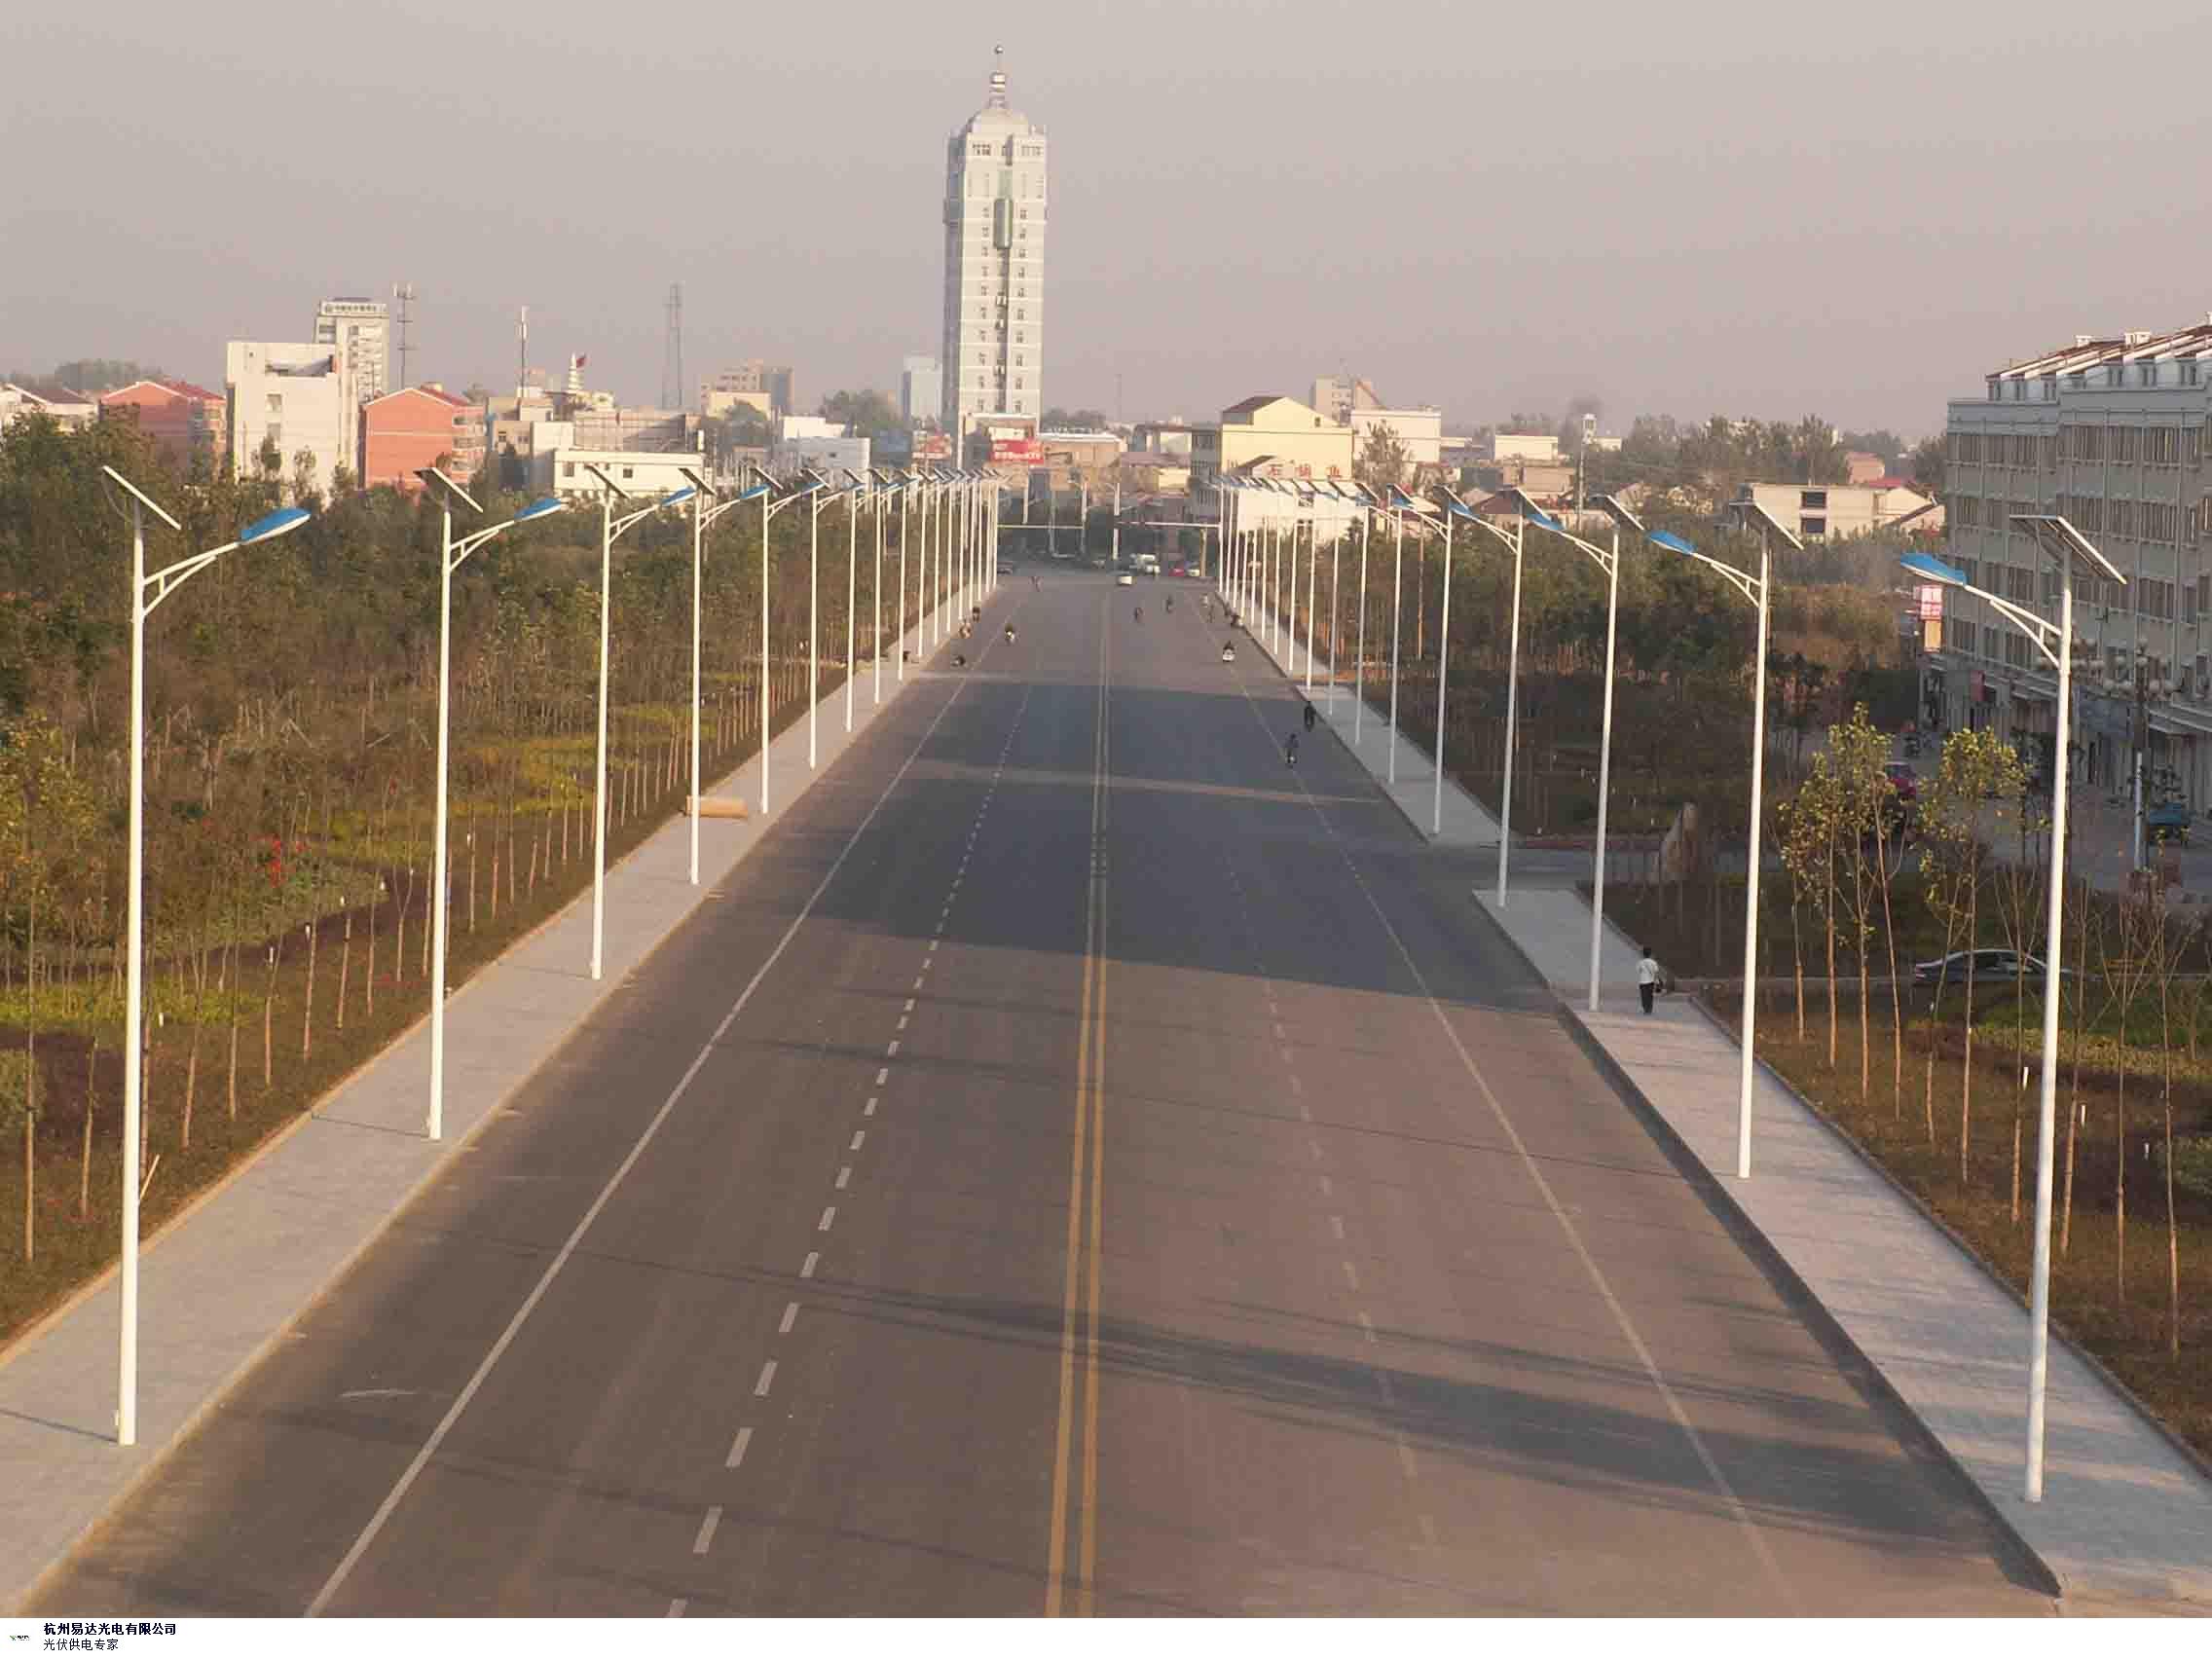 吉林市新款太阳能路灯批发 值得信赖 杭州易达光电供应